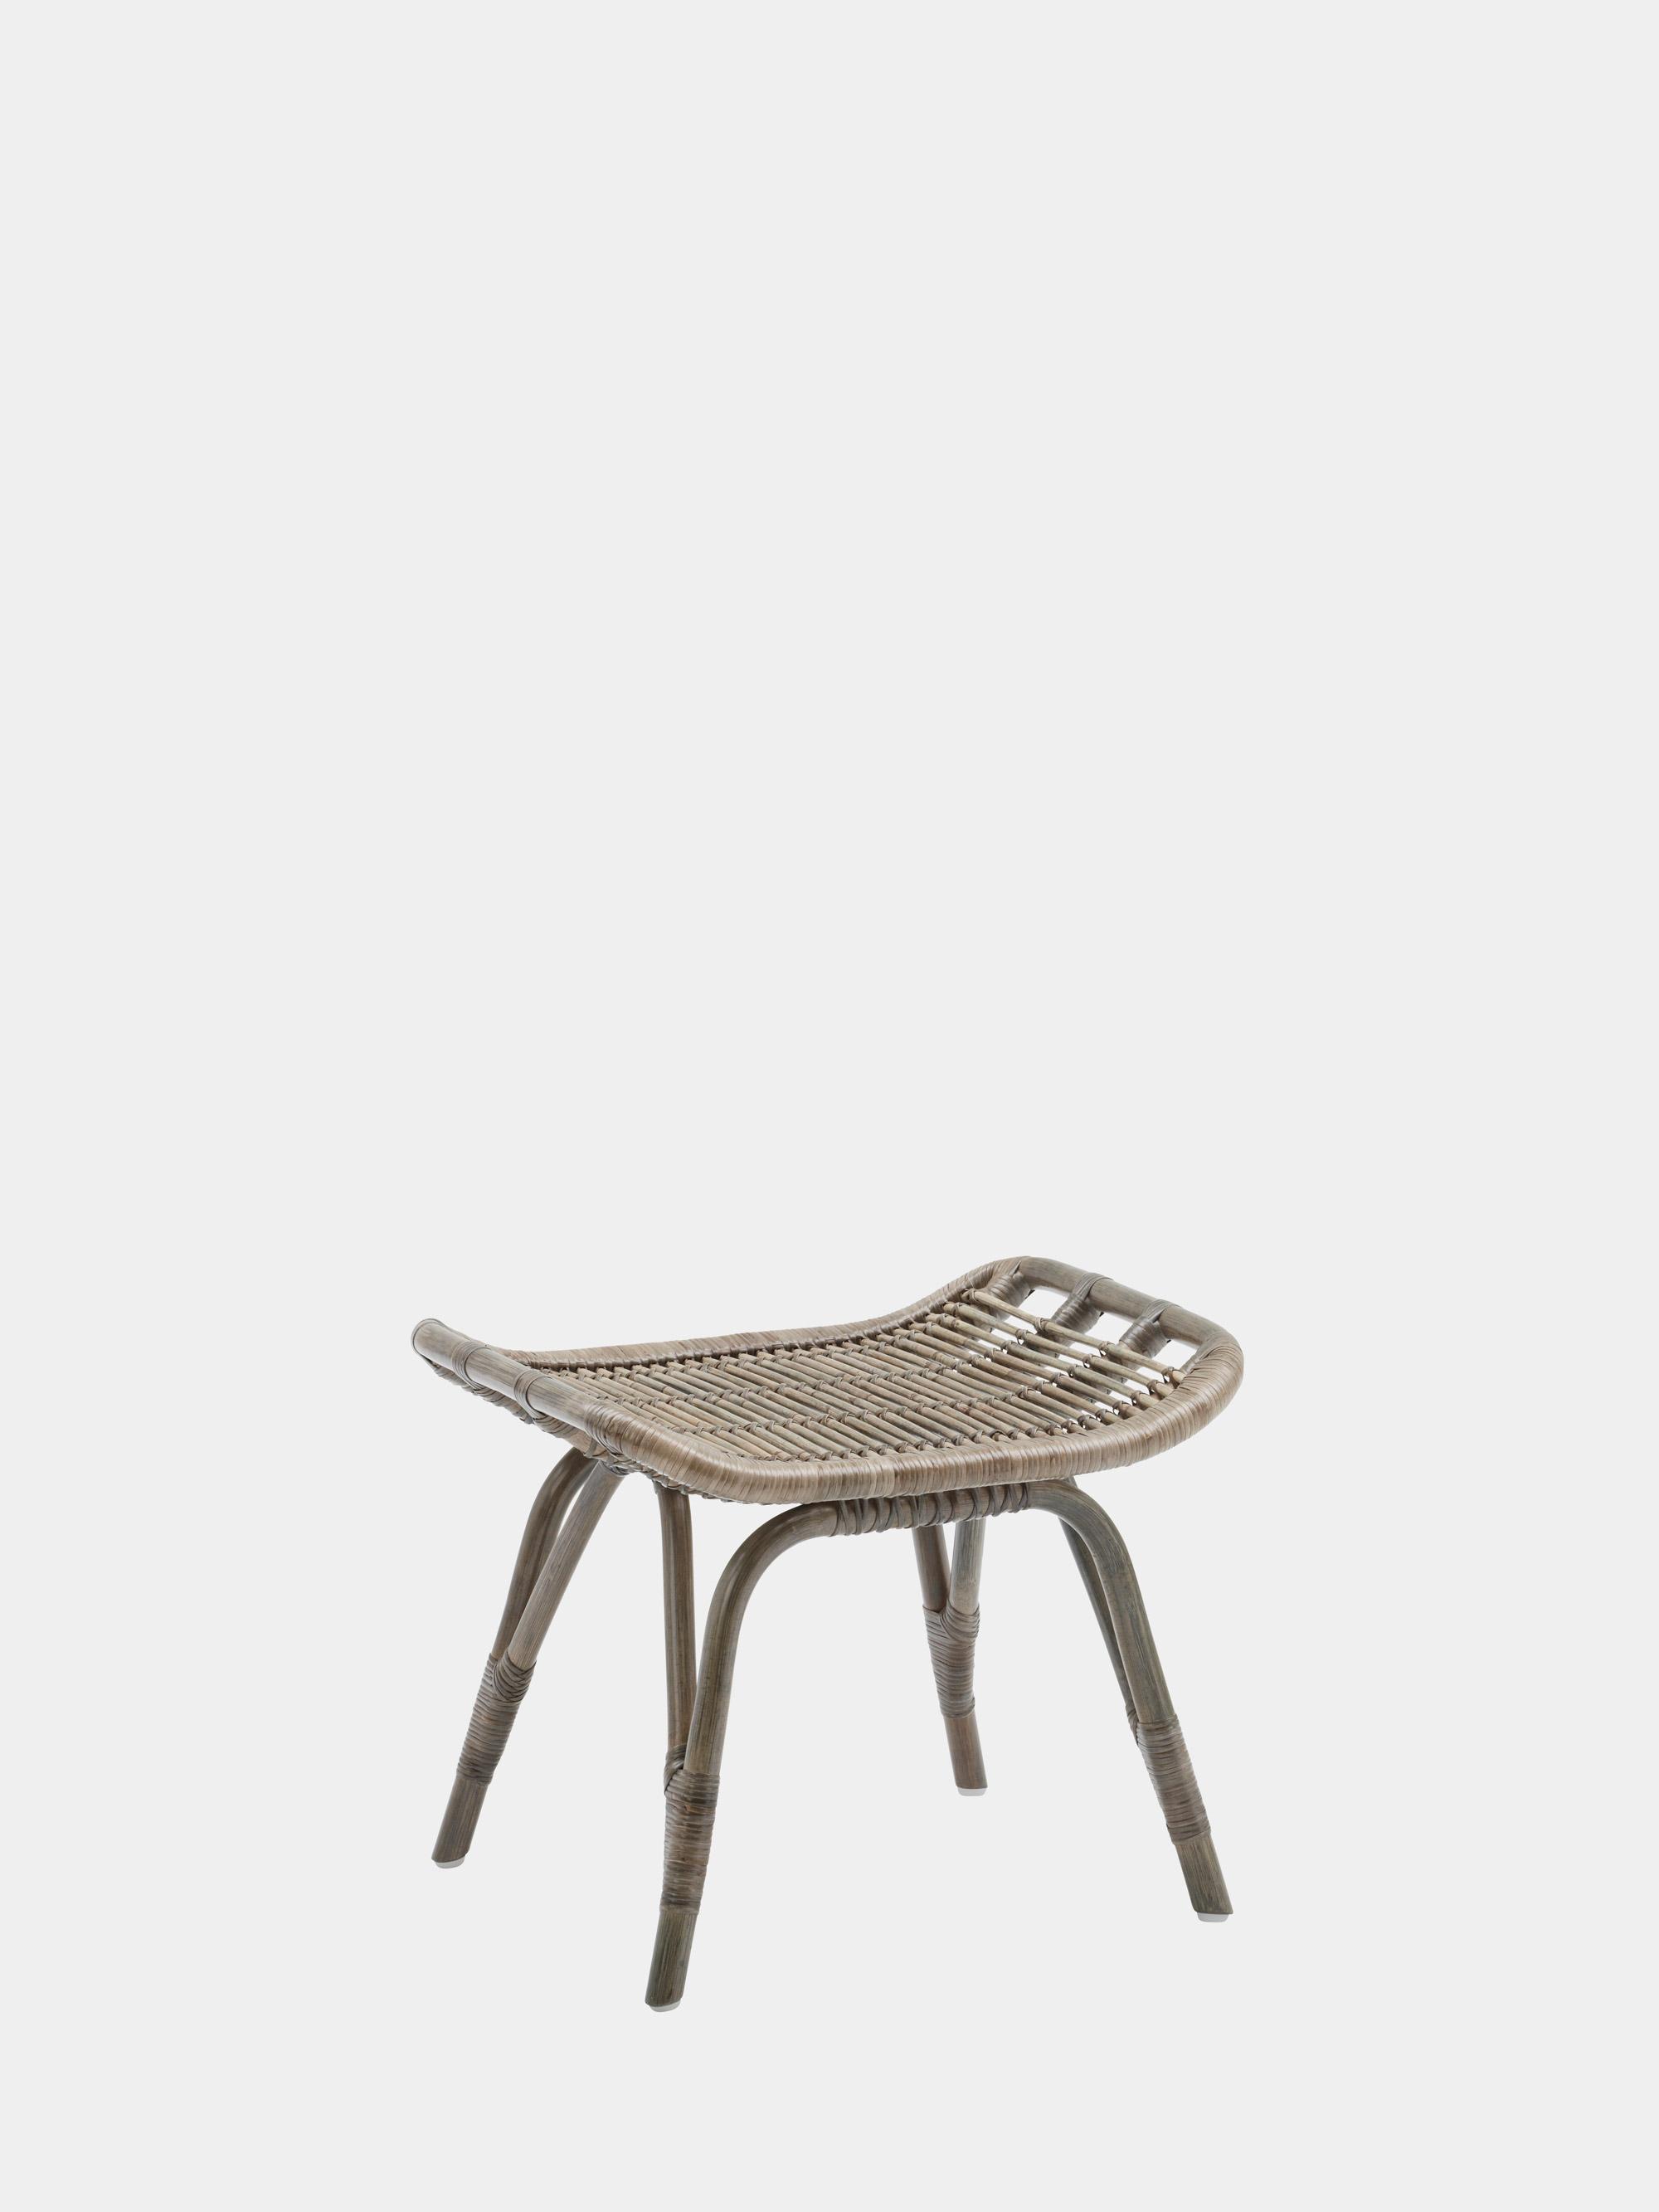 10721_a12dca6a8d-1084t-monet-footstool-1-zoom.jpg